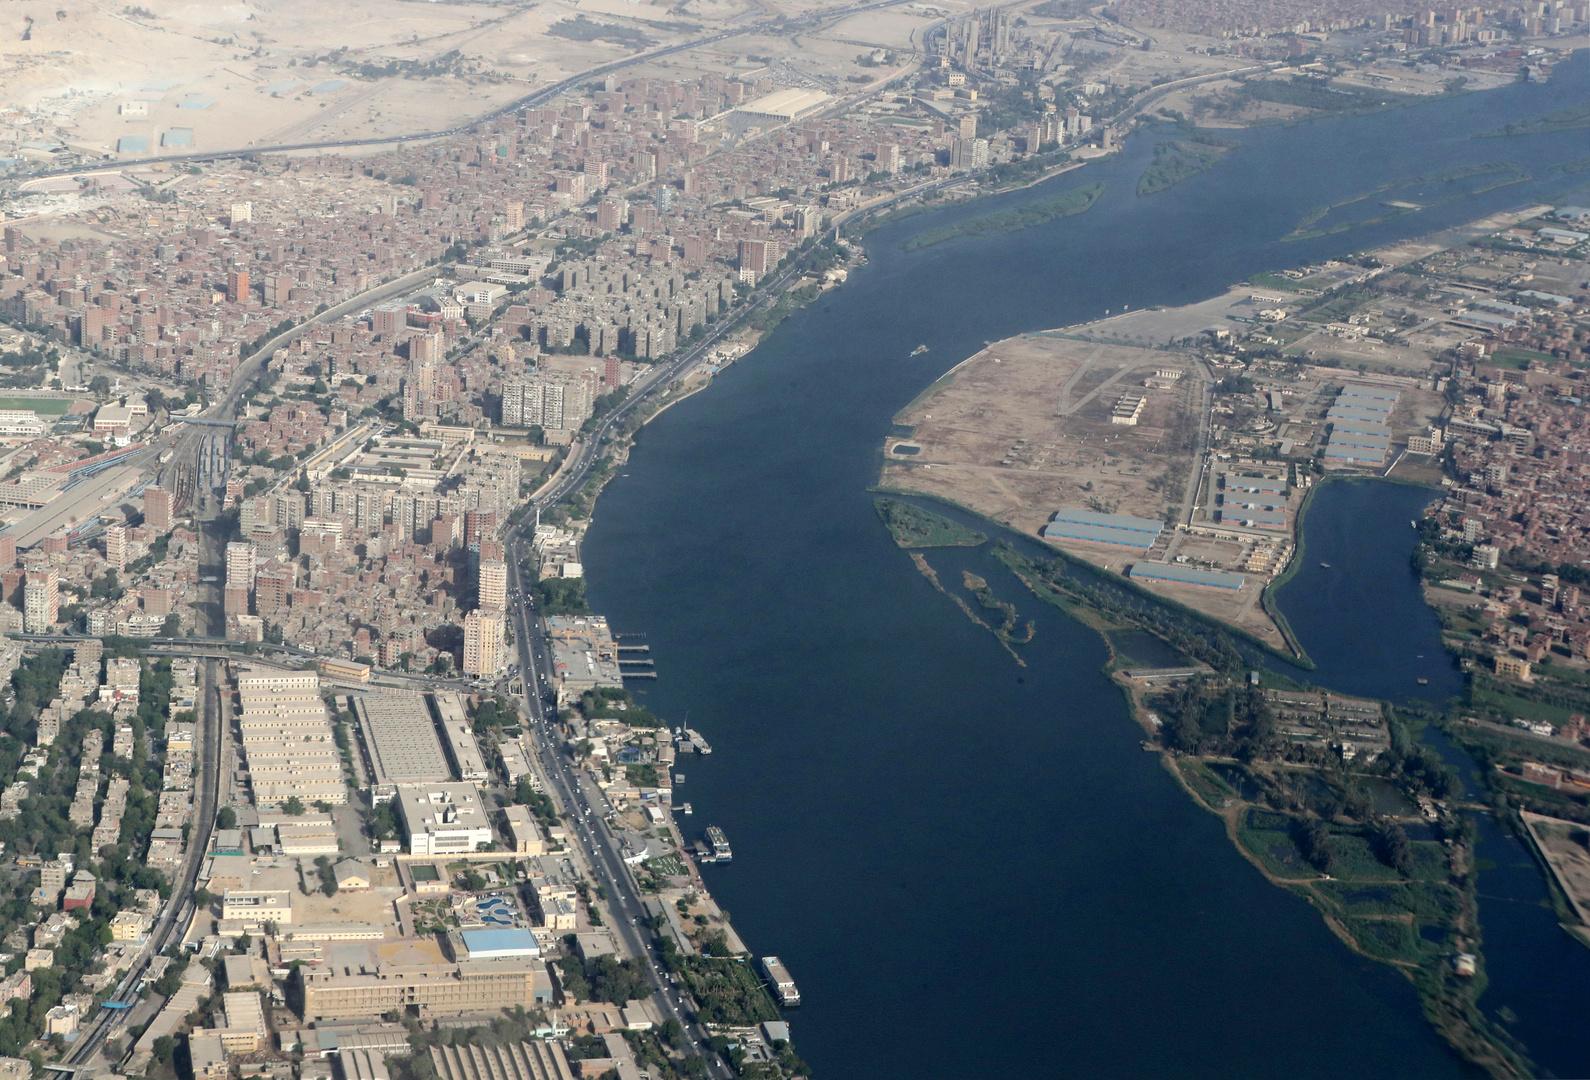 مصر.. مواطنون يتنقلون بالقوارب بعد فيضان النيل (صور)